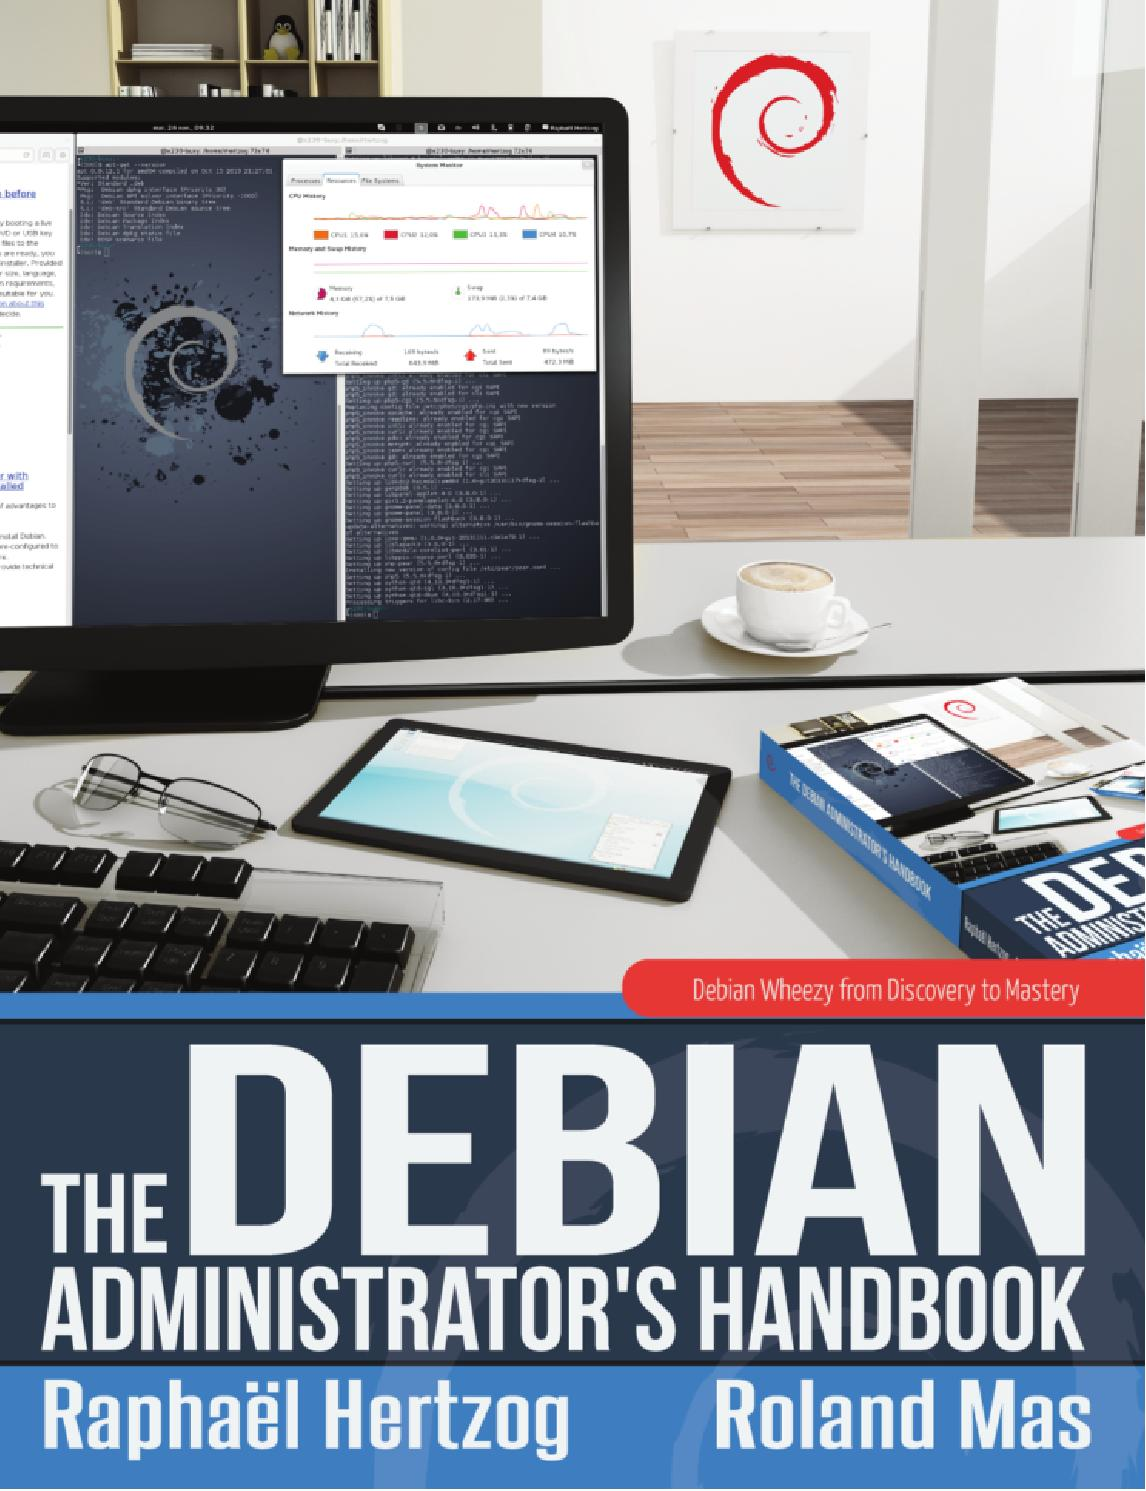 THE DEBIAN ADMINISTRATOR'S HANDBOOK 2 (wheezy / debian 7) by